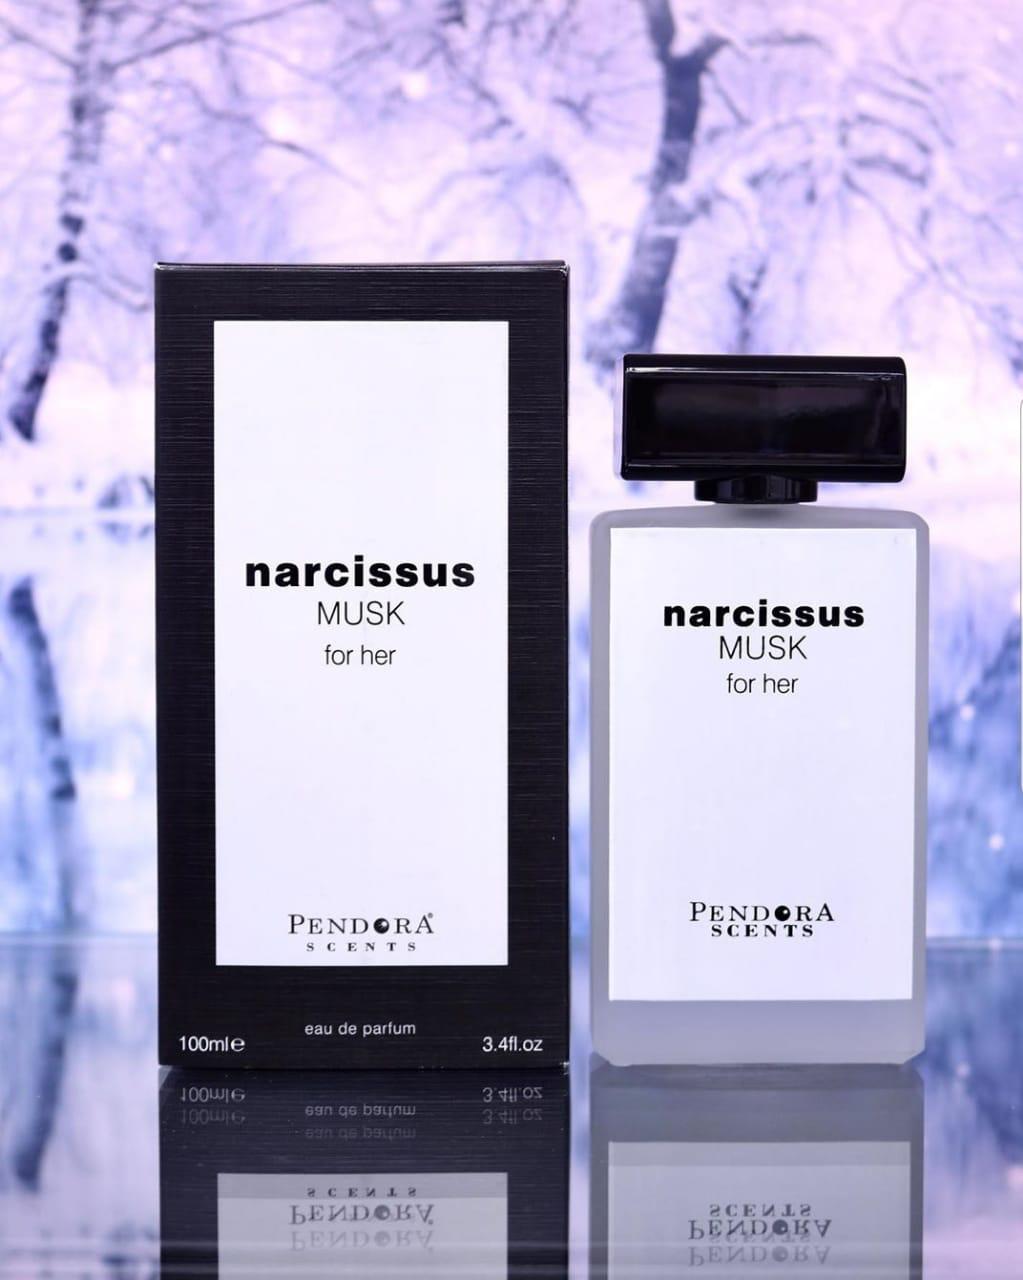 narcissus-pure-musk-her-pendora-100ml-pendora